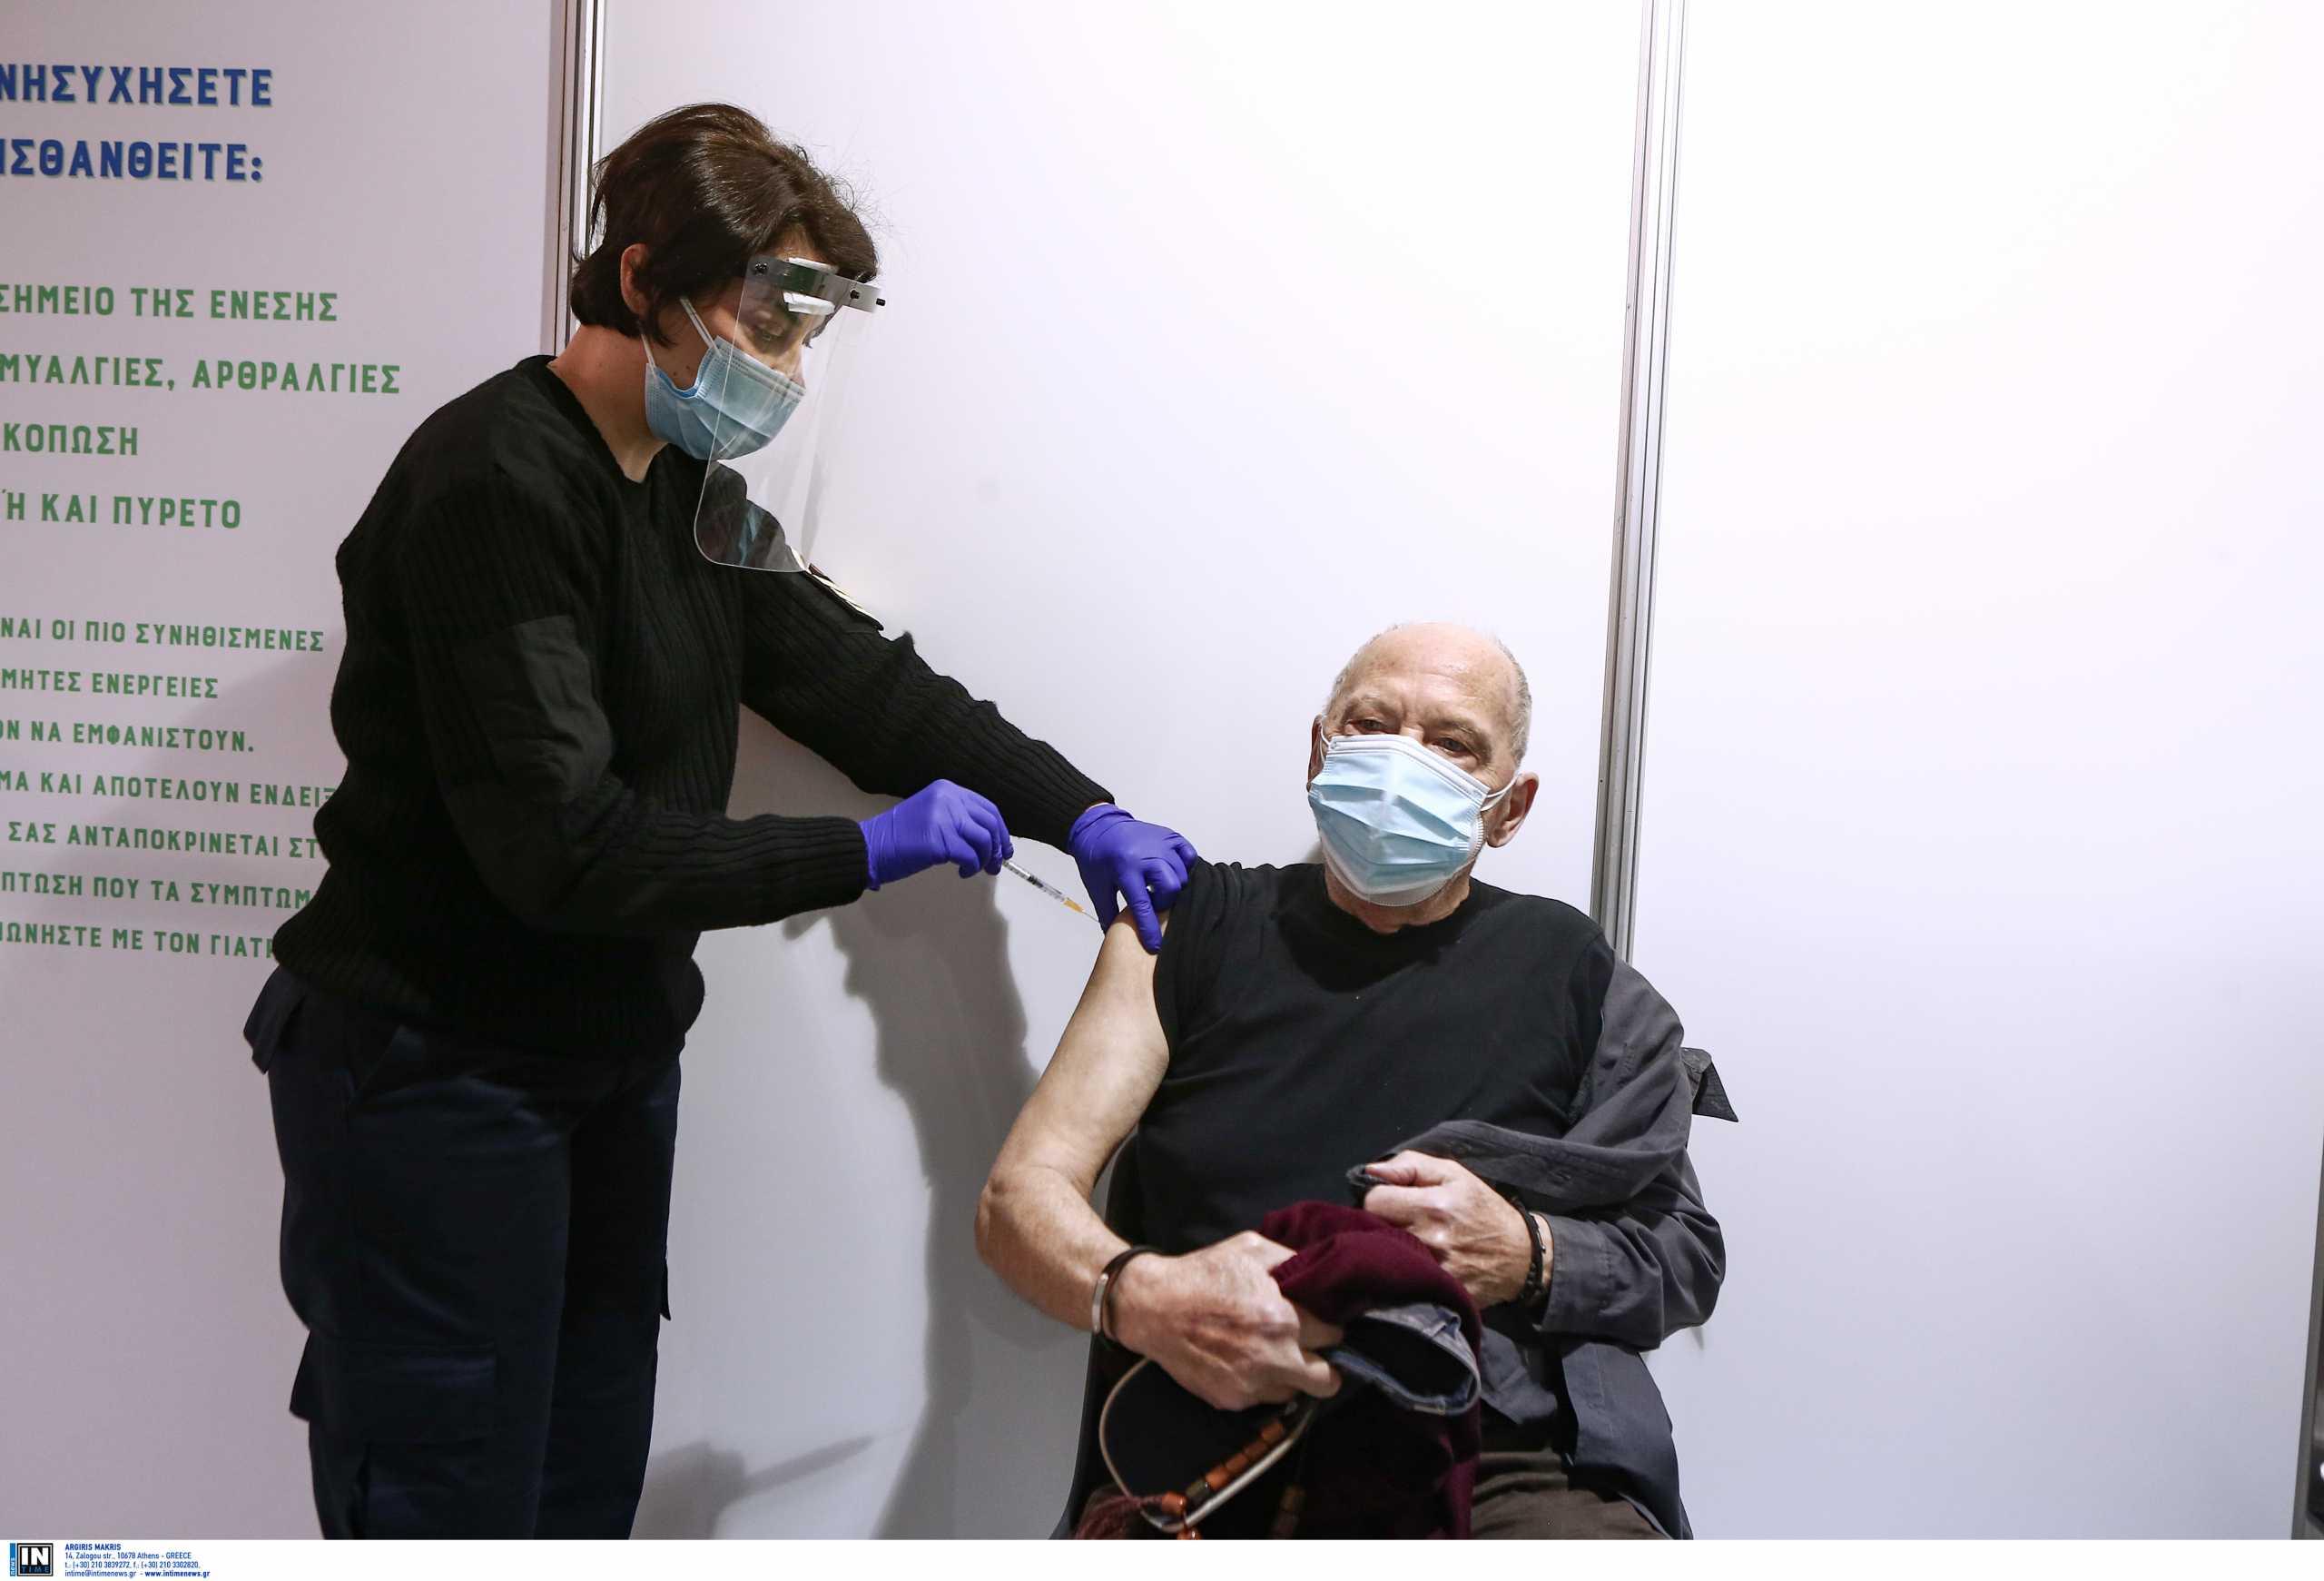 Σκουτέλης: Πότε ξεκινά η προστασία μας μετά τον εμβολιασμό (vid)